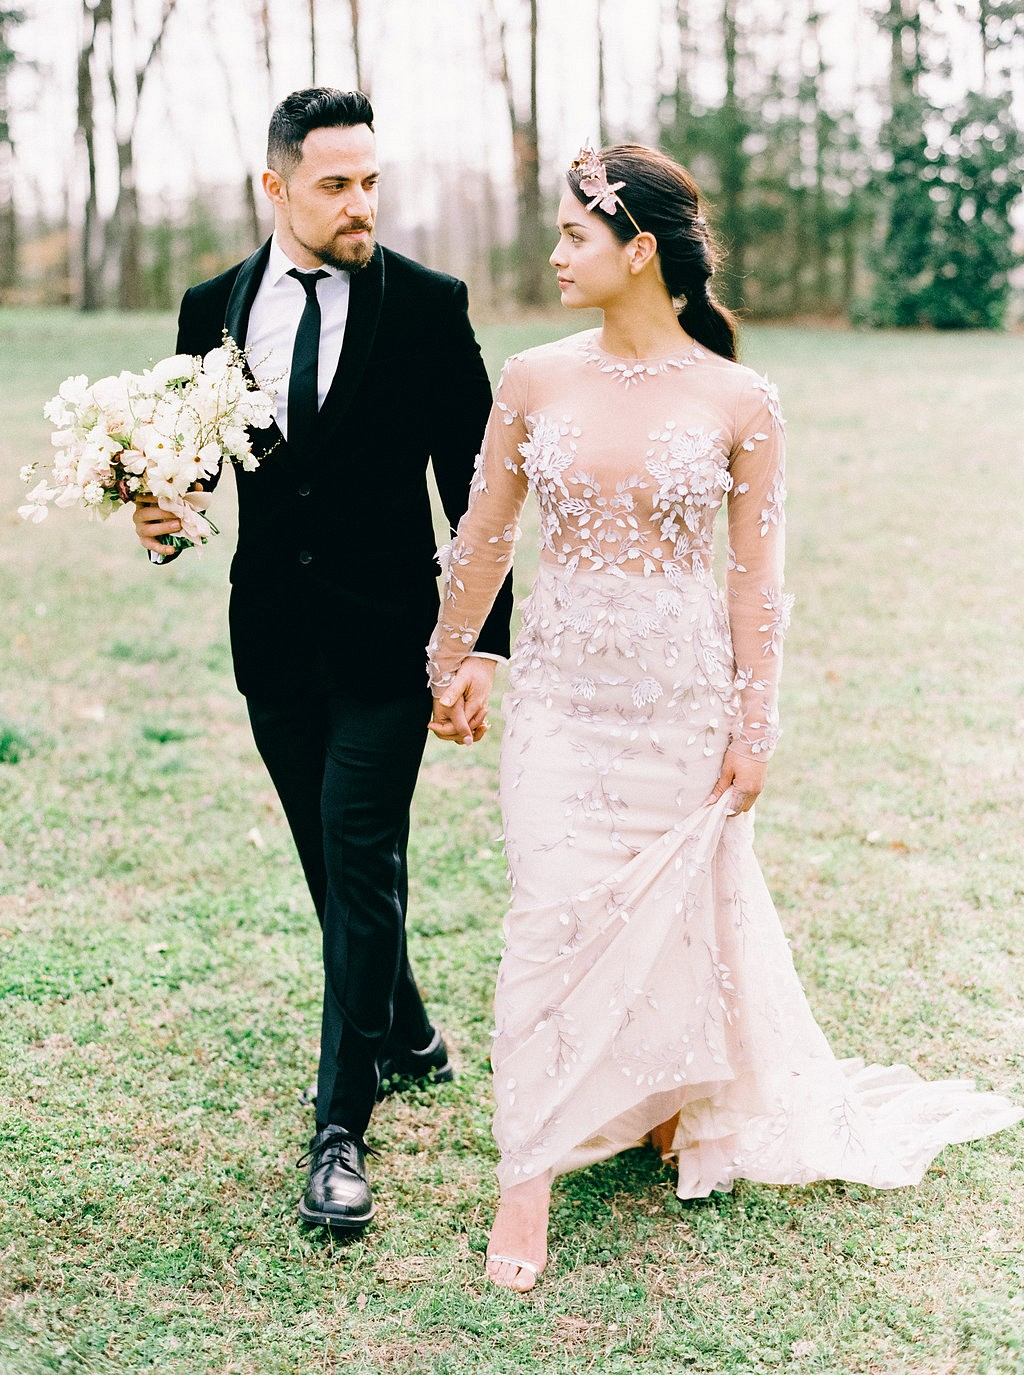 Feminine yet modern wedding ideas from The Hybrid Atelier